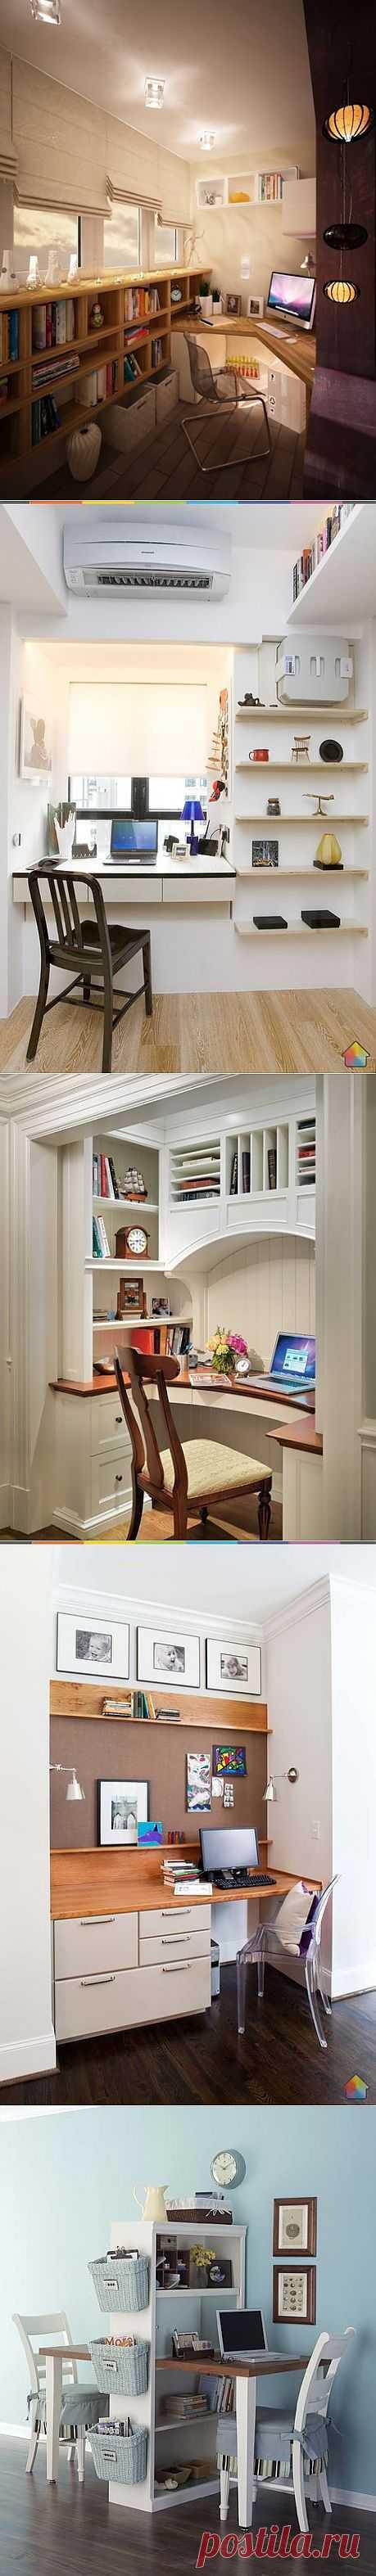 Дизайн интерьера рабочего кабинета.